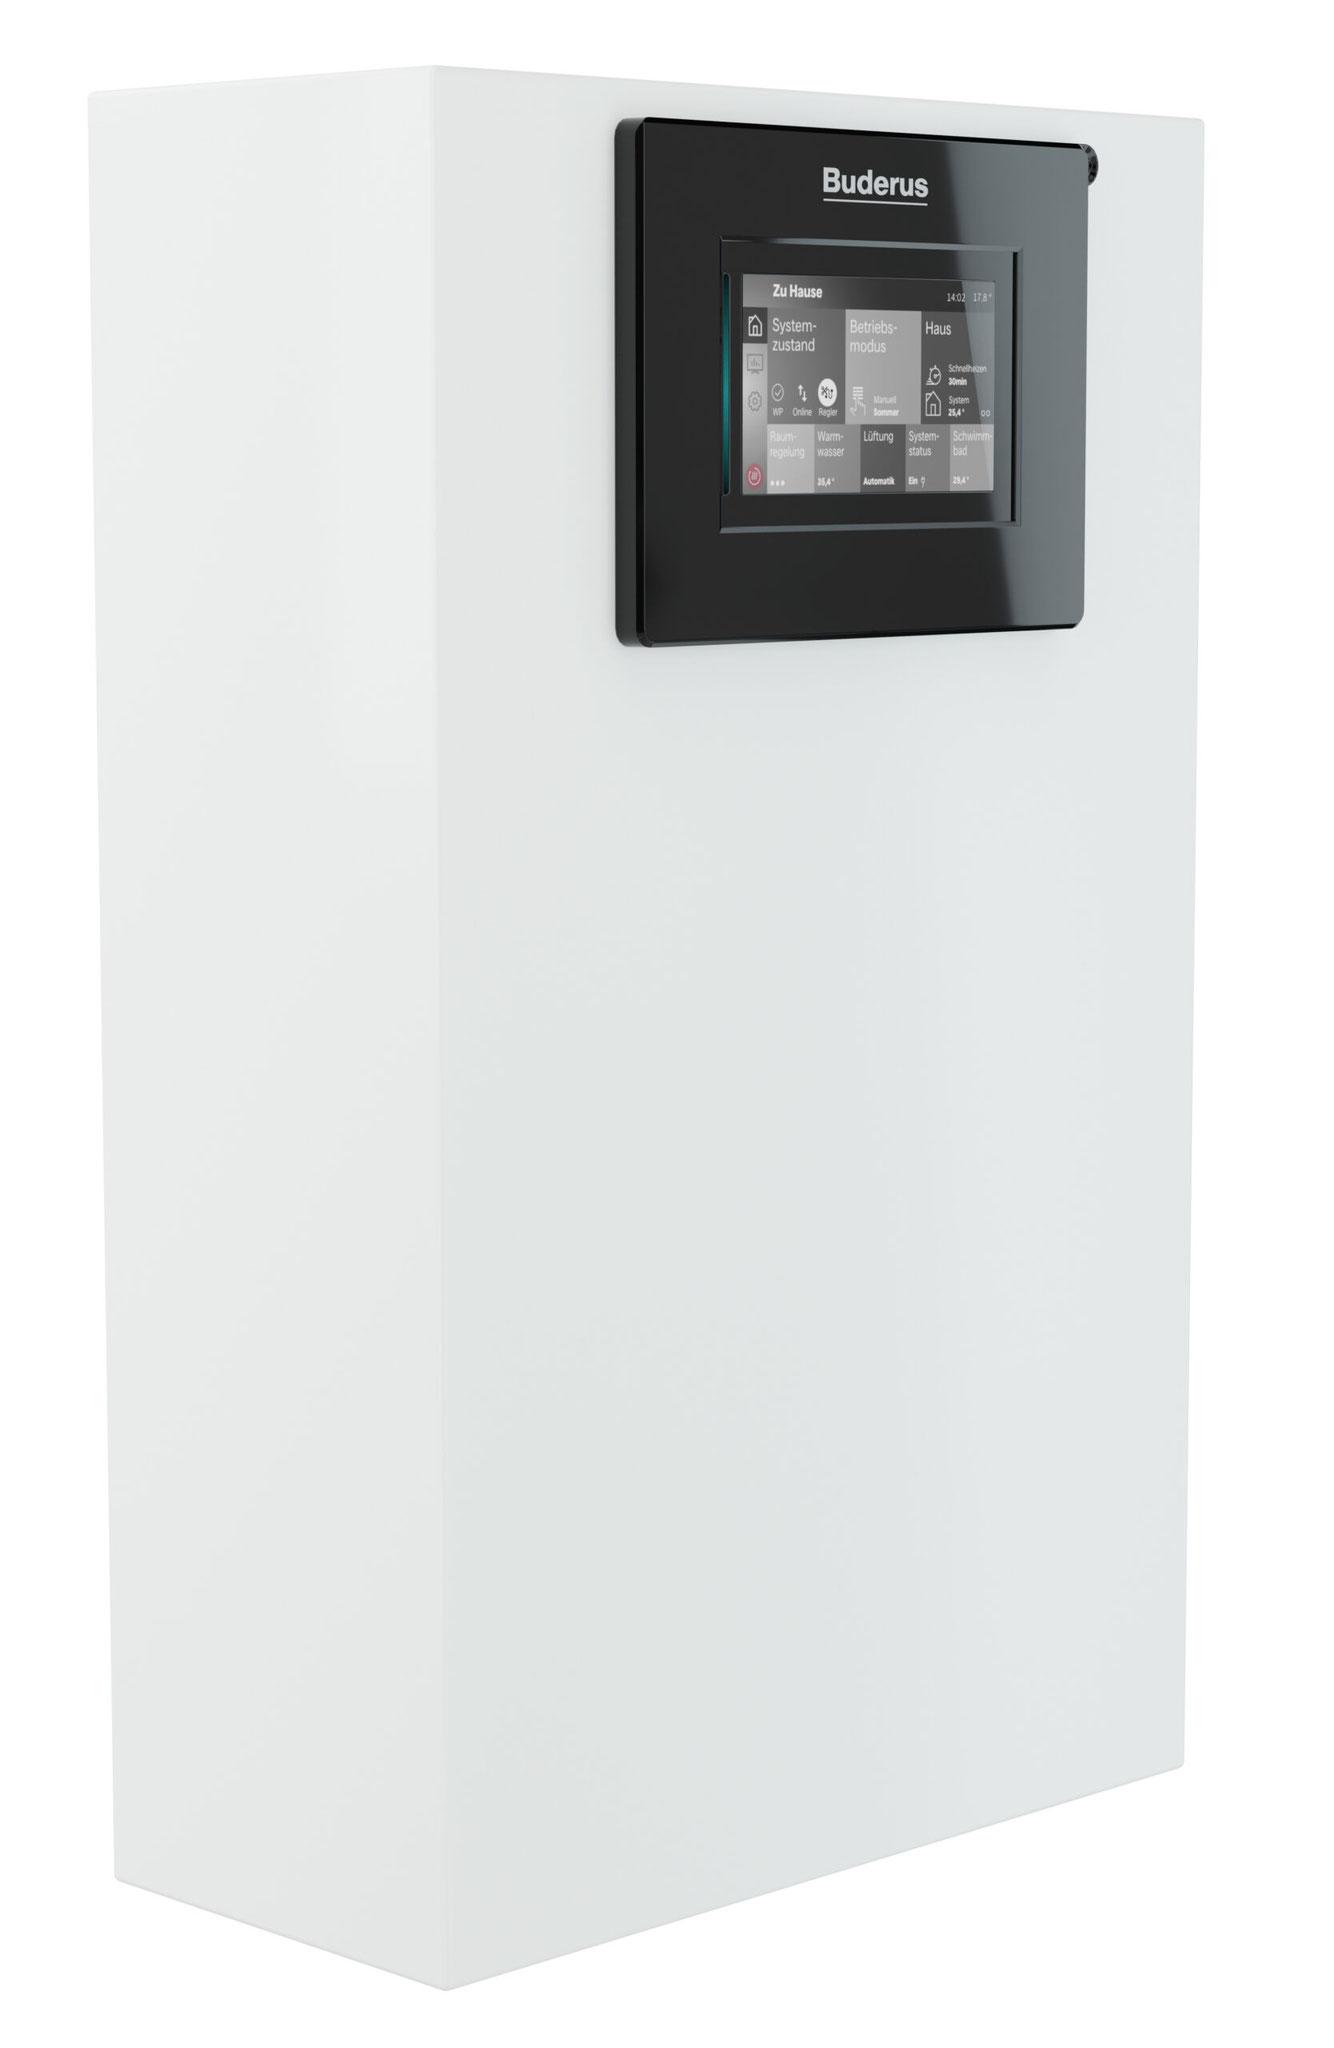 Die Luft-Wasser-Wärmepumpe Logatherm WLW286 A von Buderus ist eine flexible Systemlösung für größere Einfamilien- und insbesondere für Mehrfamilienhäuser, Gewerbe- oder Bürogebäude.